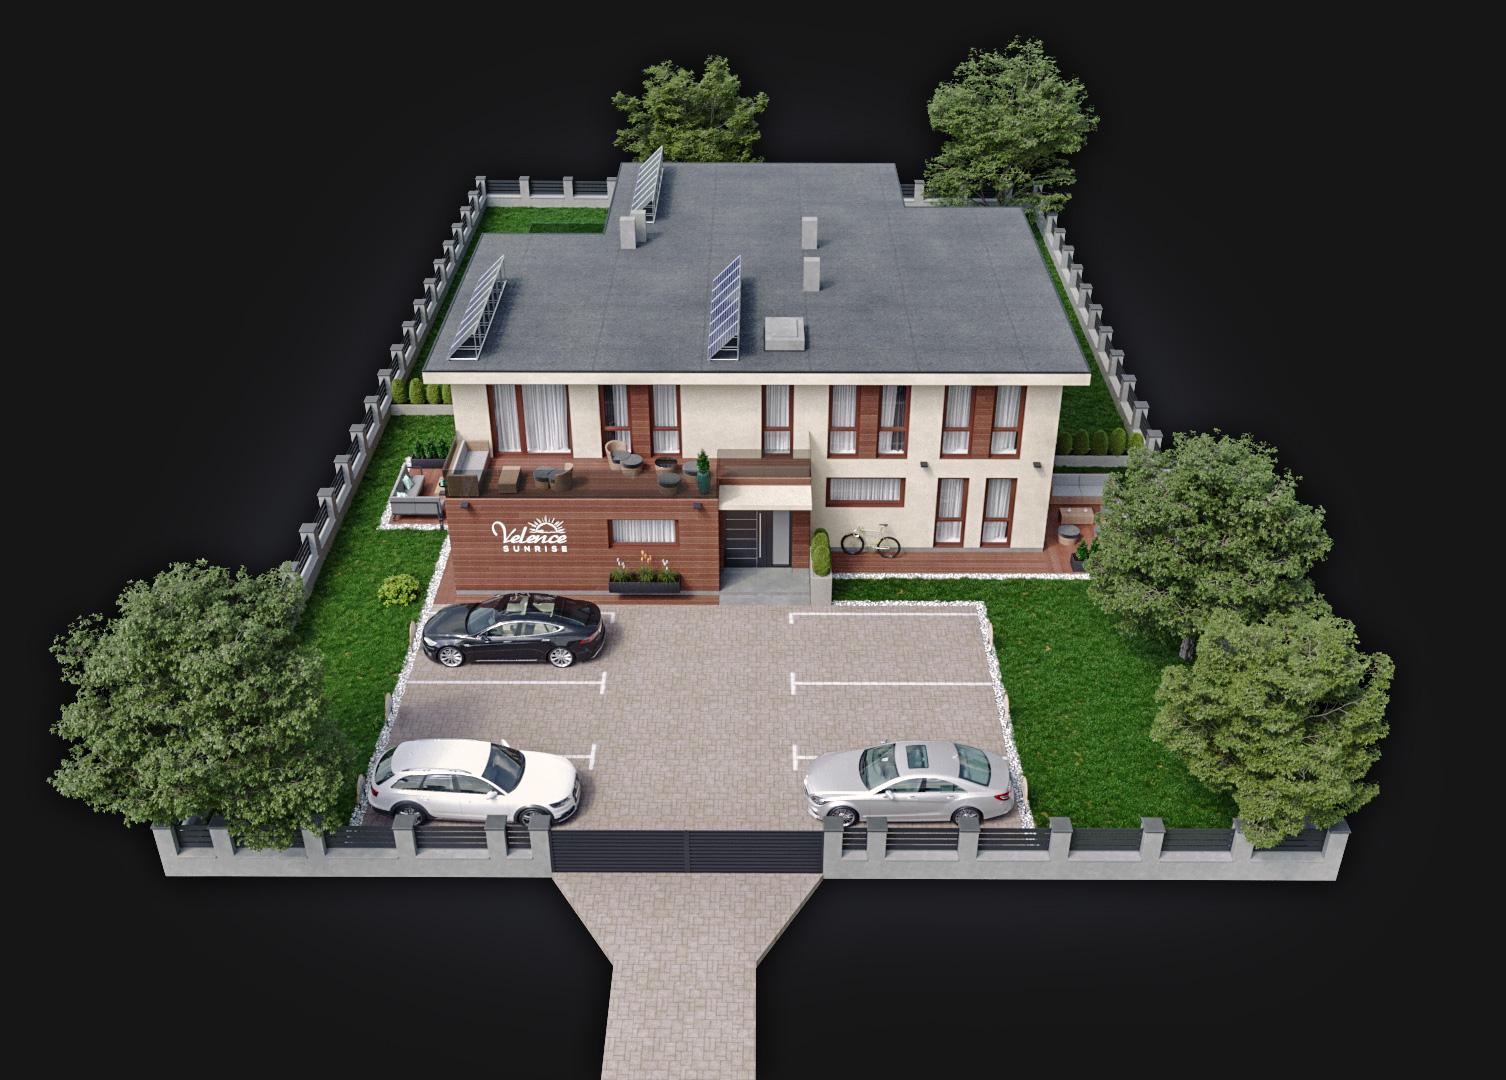 3DRendeer-3D látványtervezés-exterior felülnézet